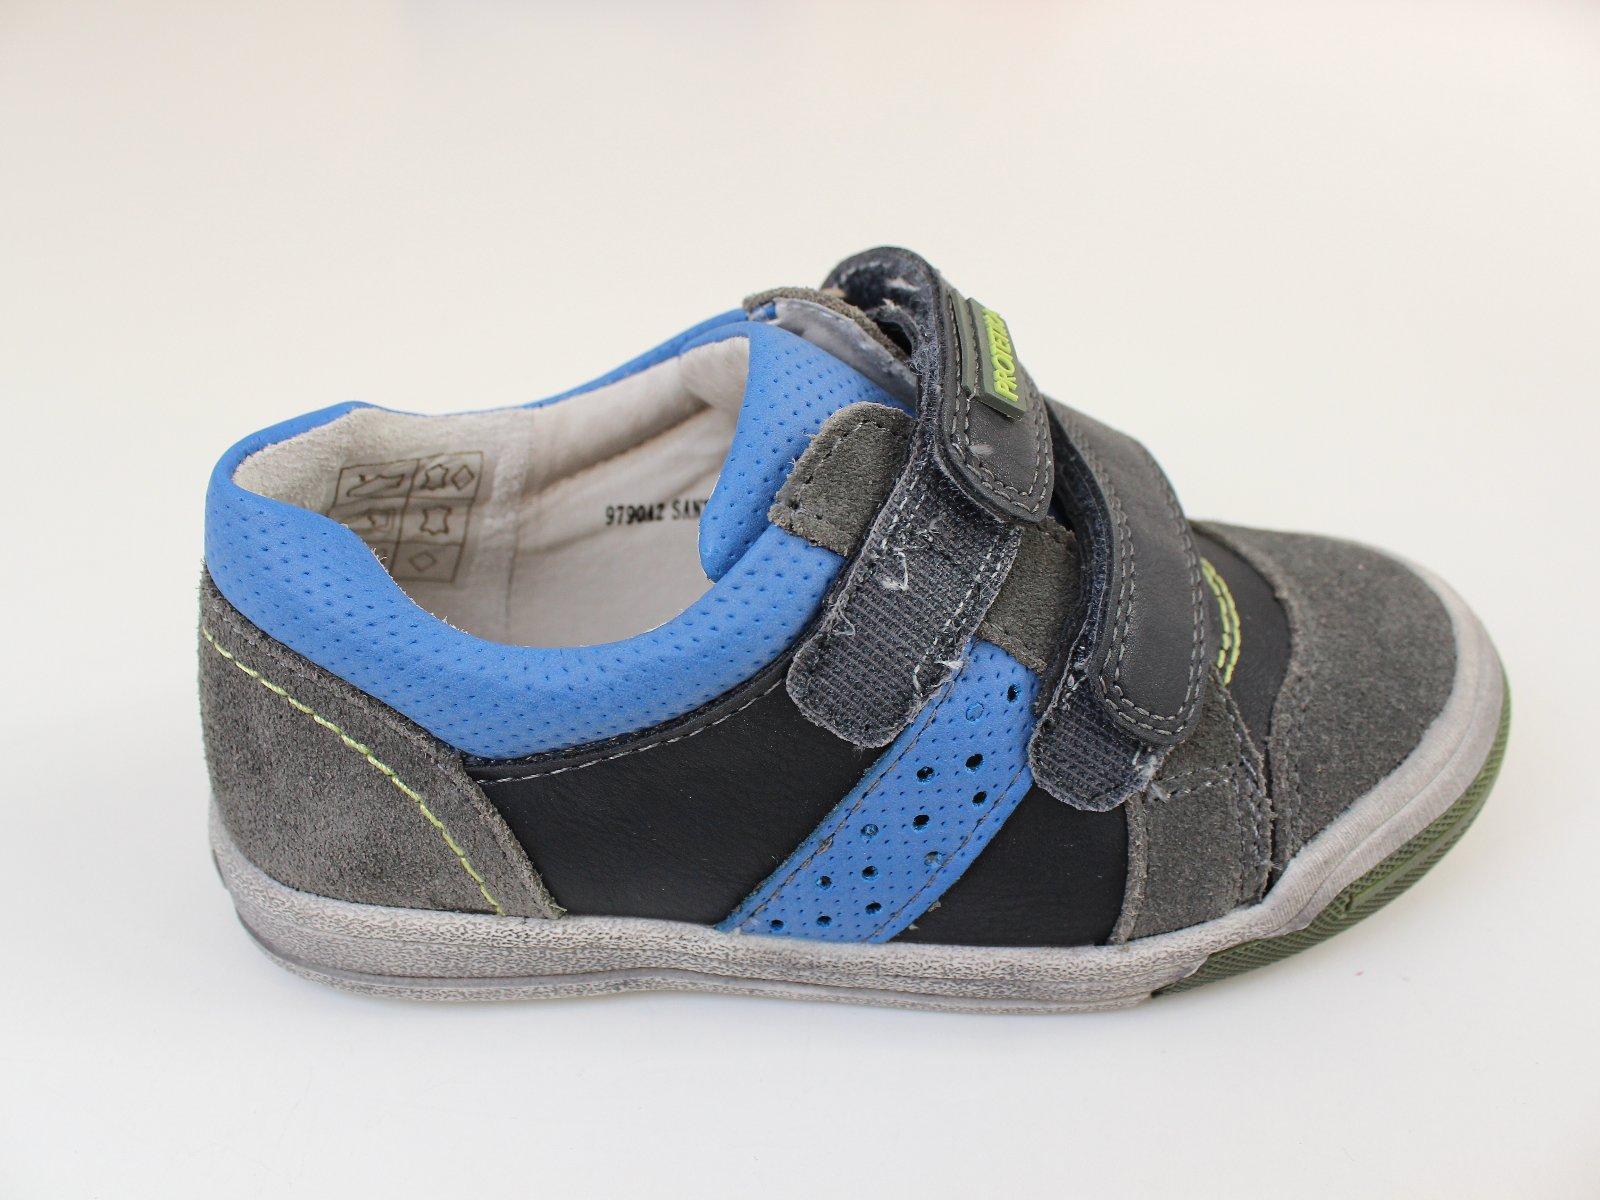 538fef079 Protetika chlapčenské kožené topánky 415 b, protetika,27 / 28 - 31,90 € od  predávajúcej susana09 | Detský bazár | ModryKonik.sk